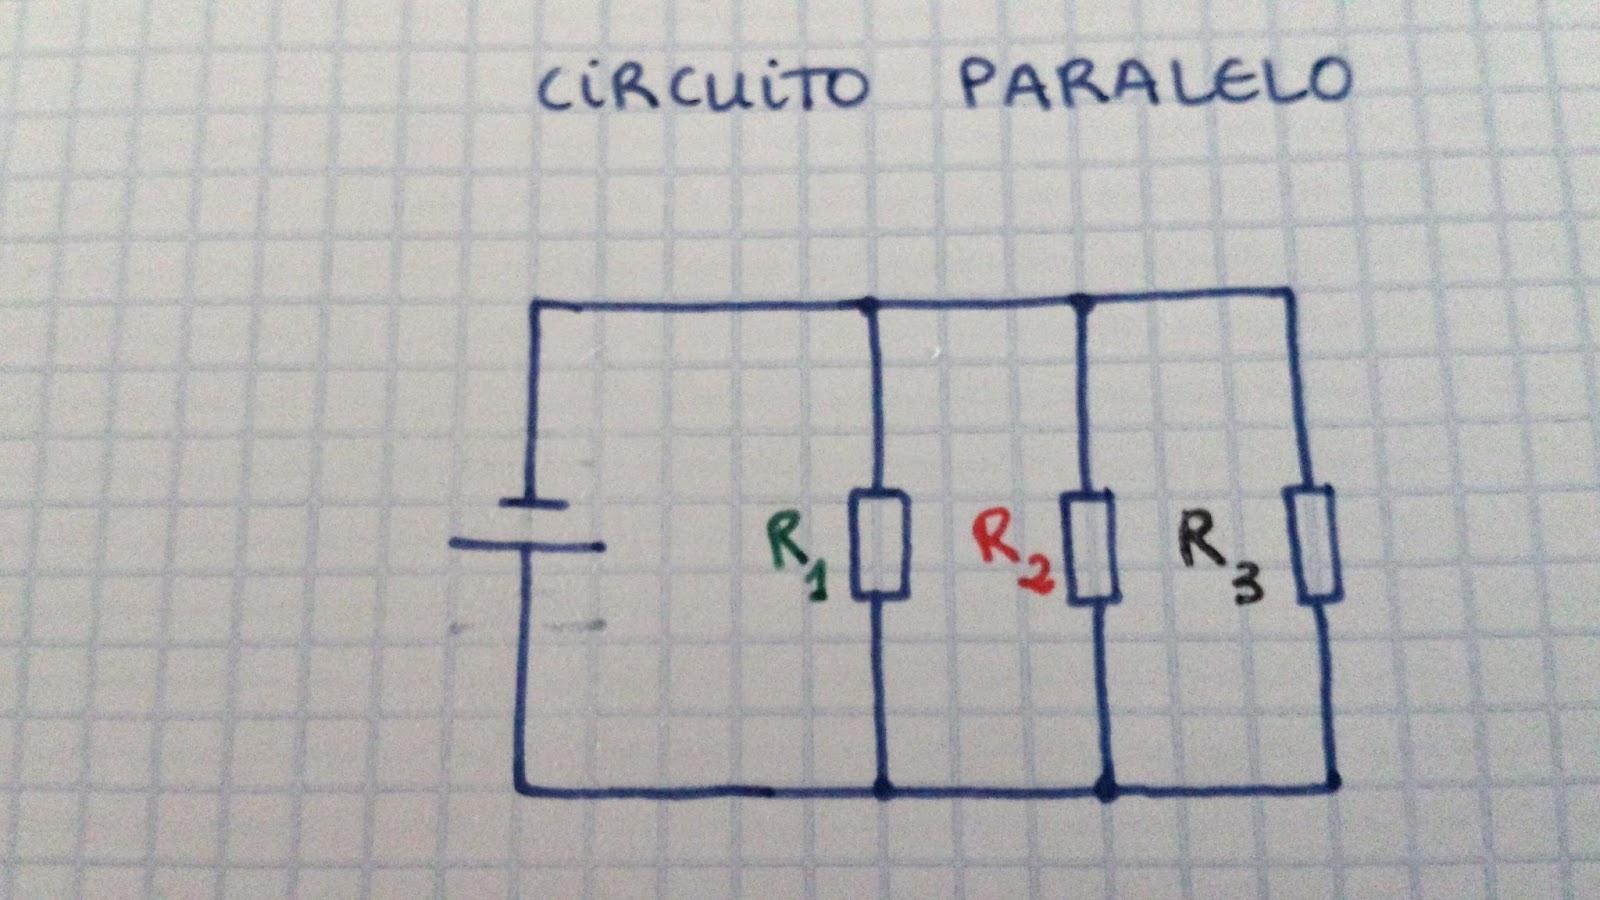 Circuito Y Misterios : TecnoenseÑando en qué circuito se gastará antes la pila